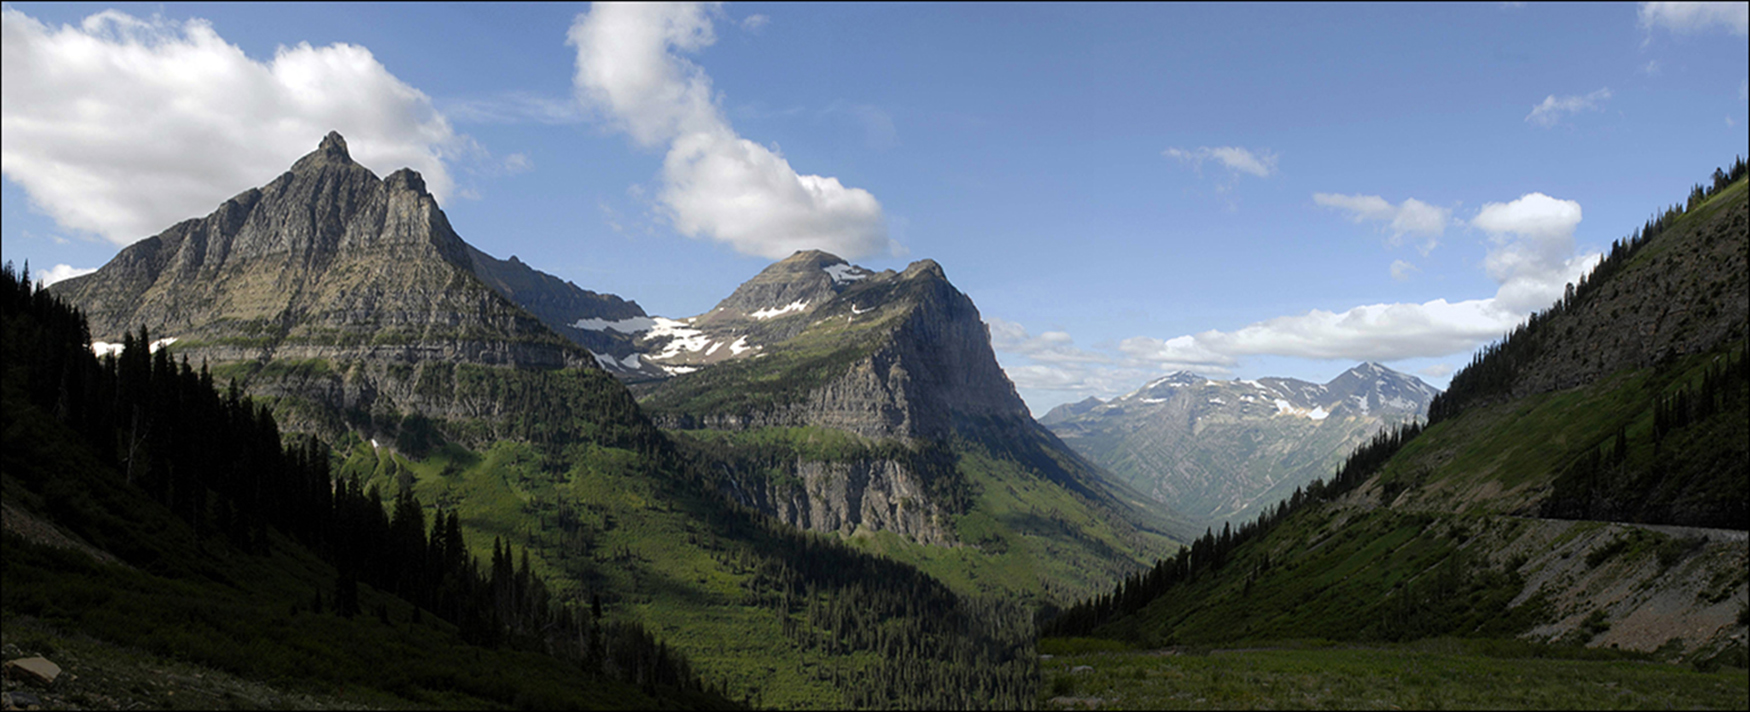 MontanaPan.jpg